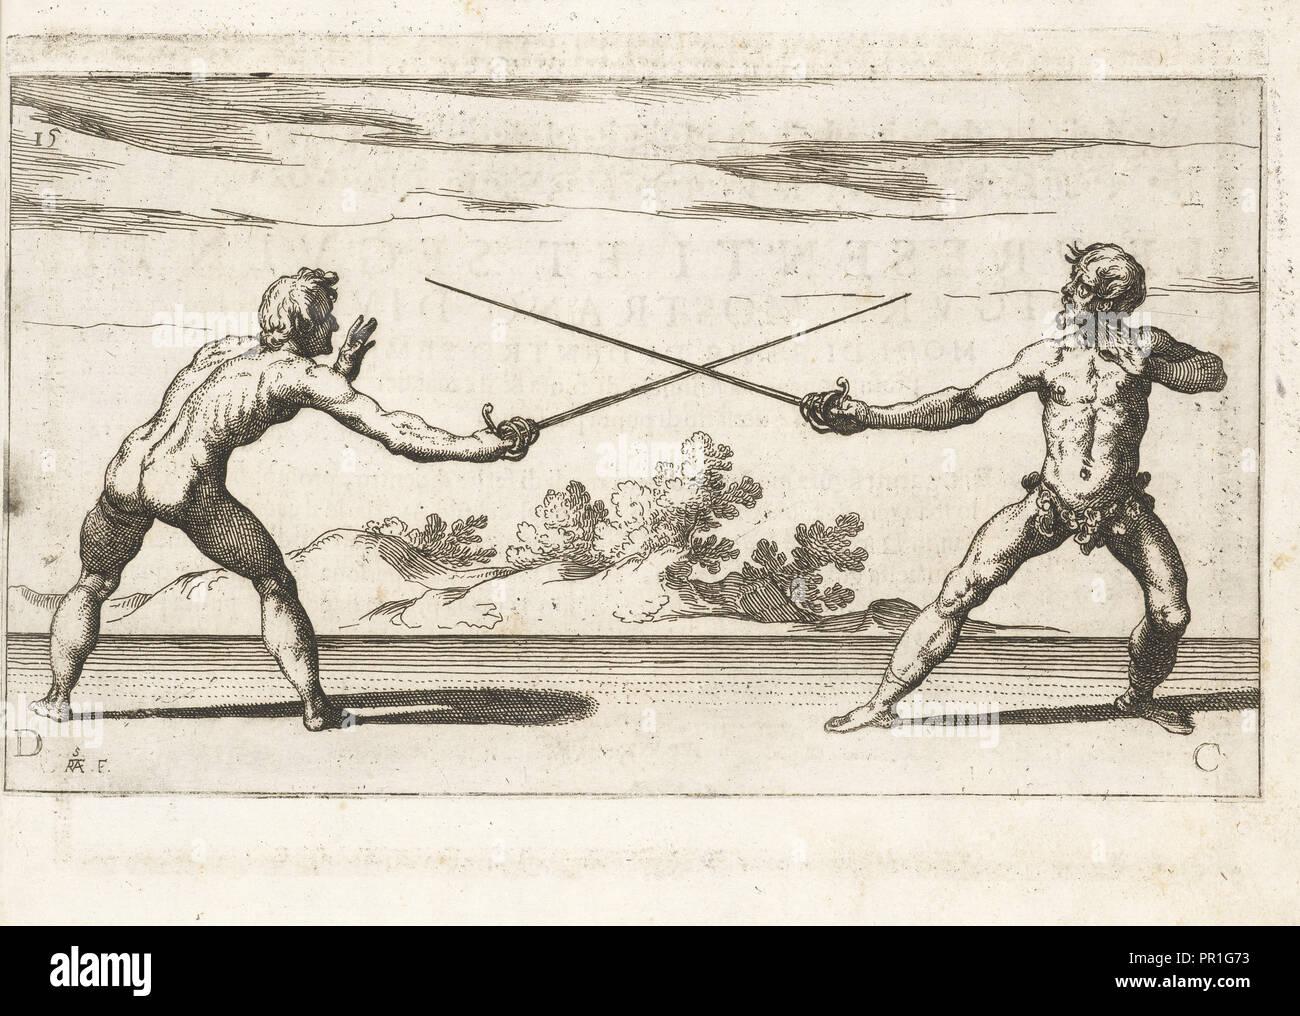 Doppio modo di guadagnar la spada dell'adversario di dentro e di fuora, Gran simulacro dell'arte e dell'uso della scherma Immagini Stock